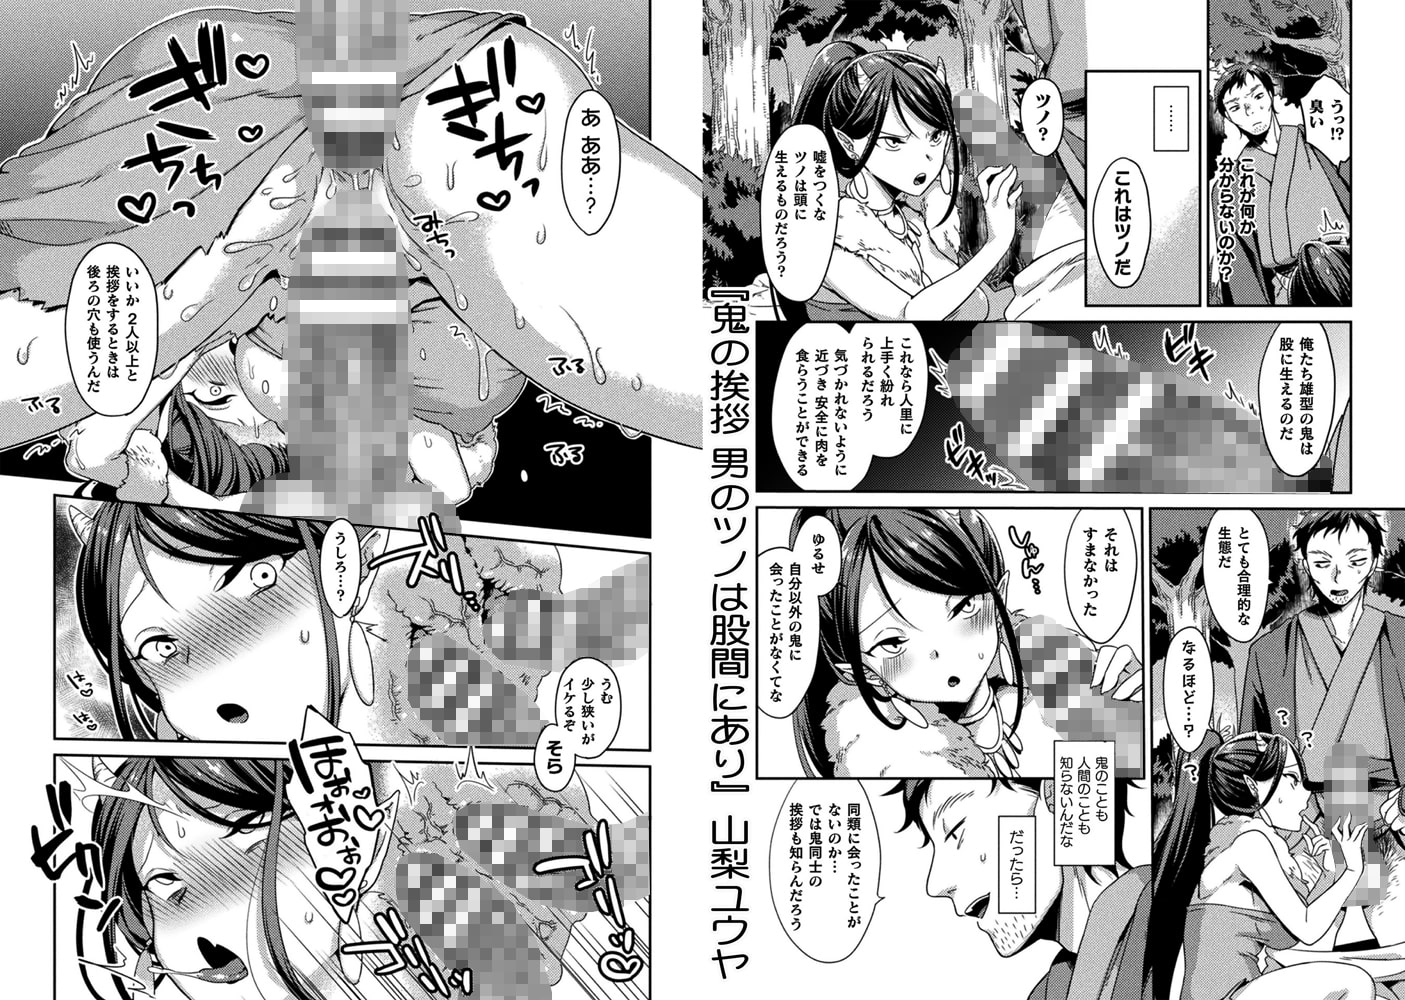 二次元コミックマガジン エロ知識0なヒロインダマして陵辱無知ックス!Vol.1